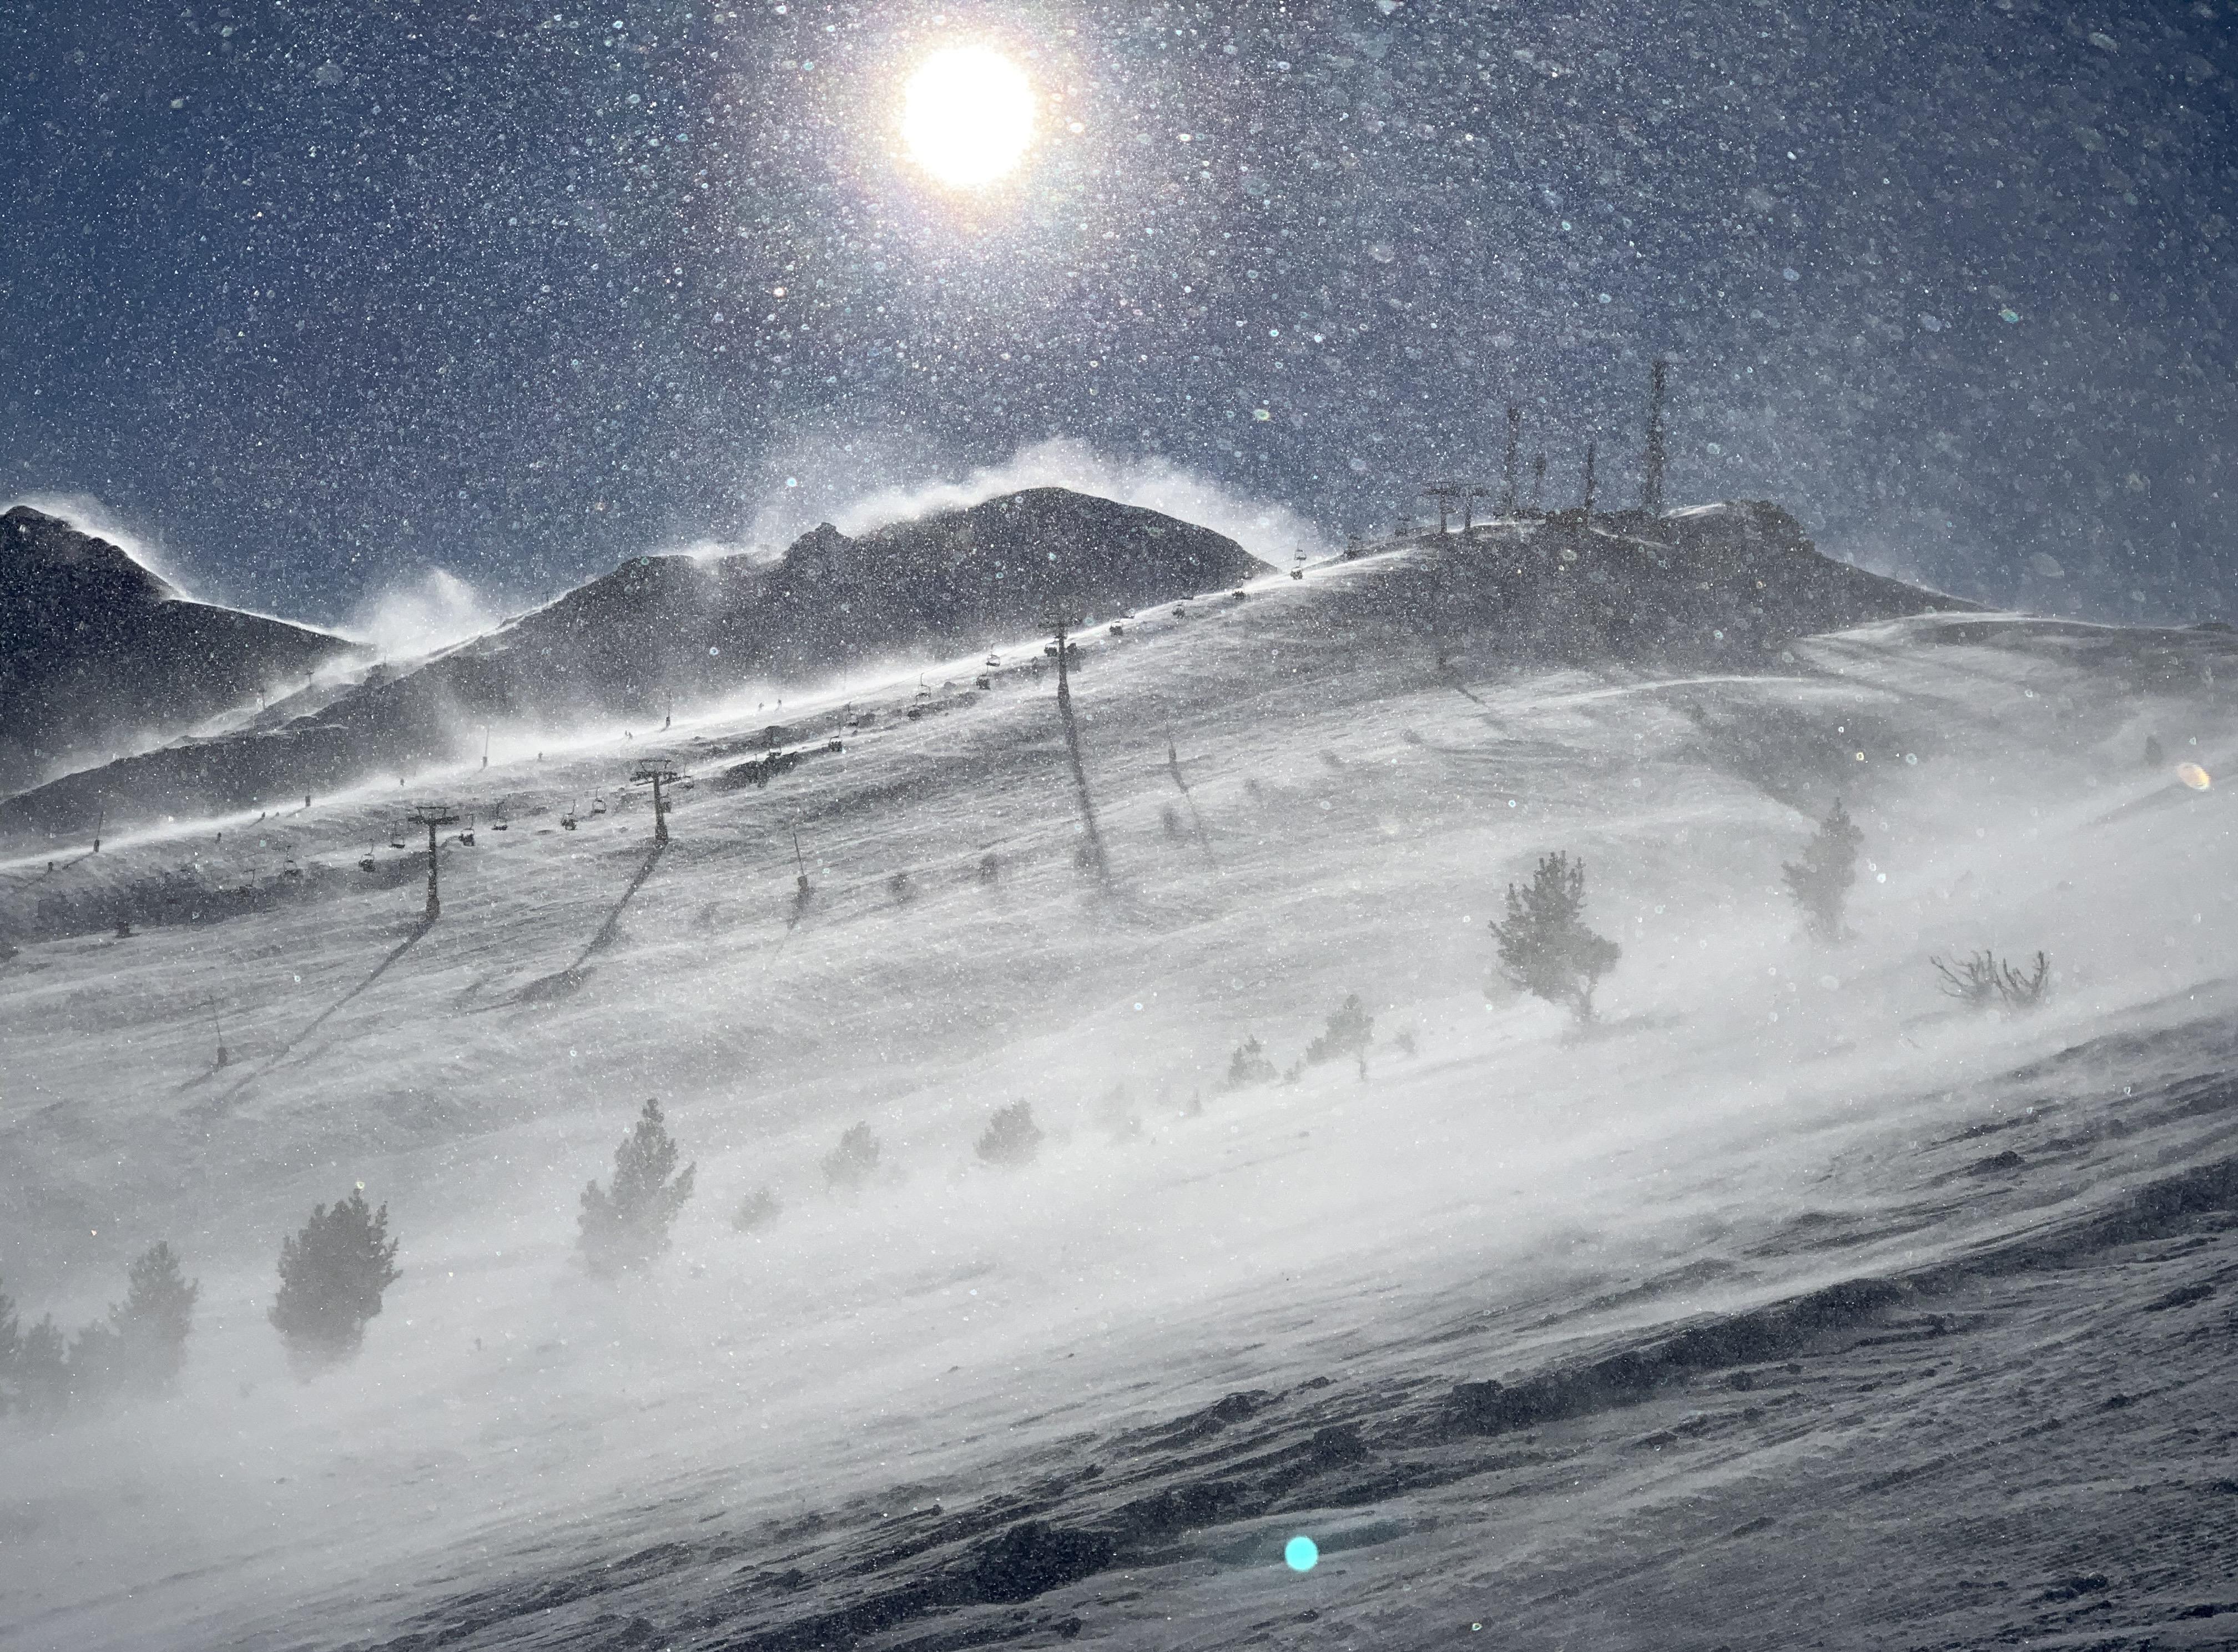 El viento en Cerler - Foto: nacho.tv